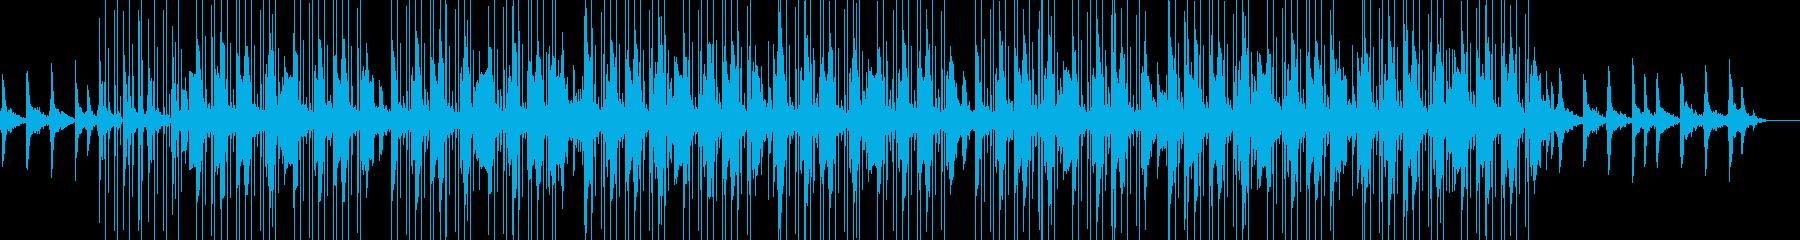 リラックスできる電子音のチルミュージックの再生済みの波形